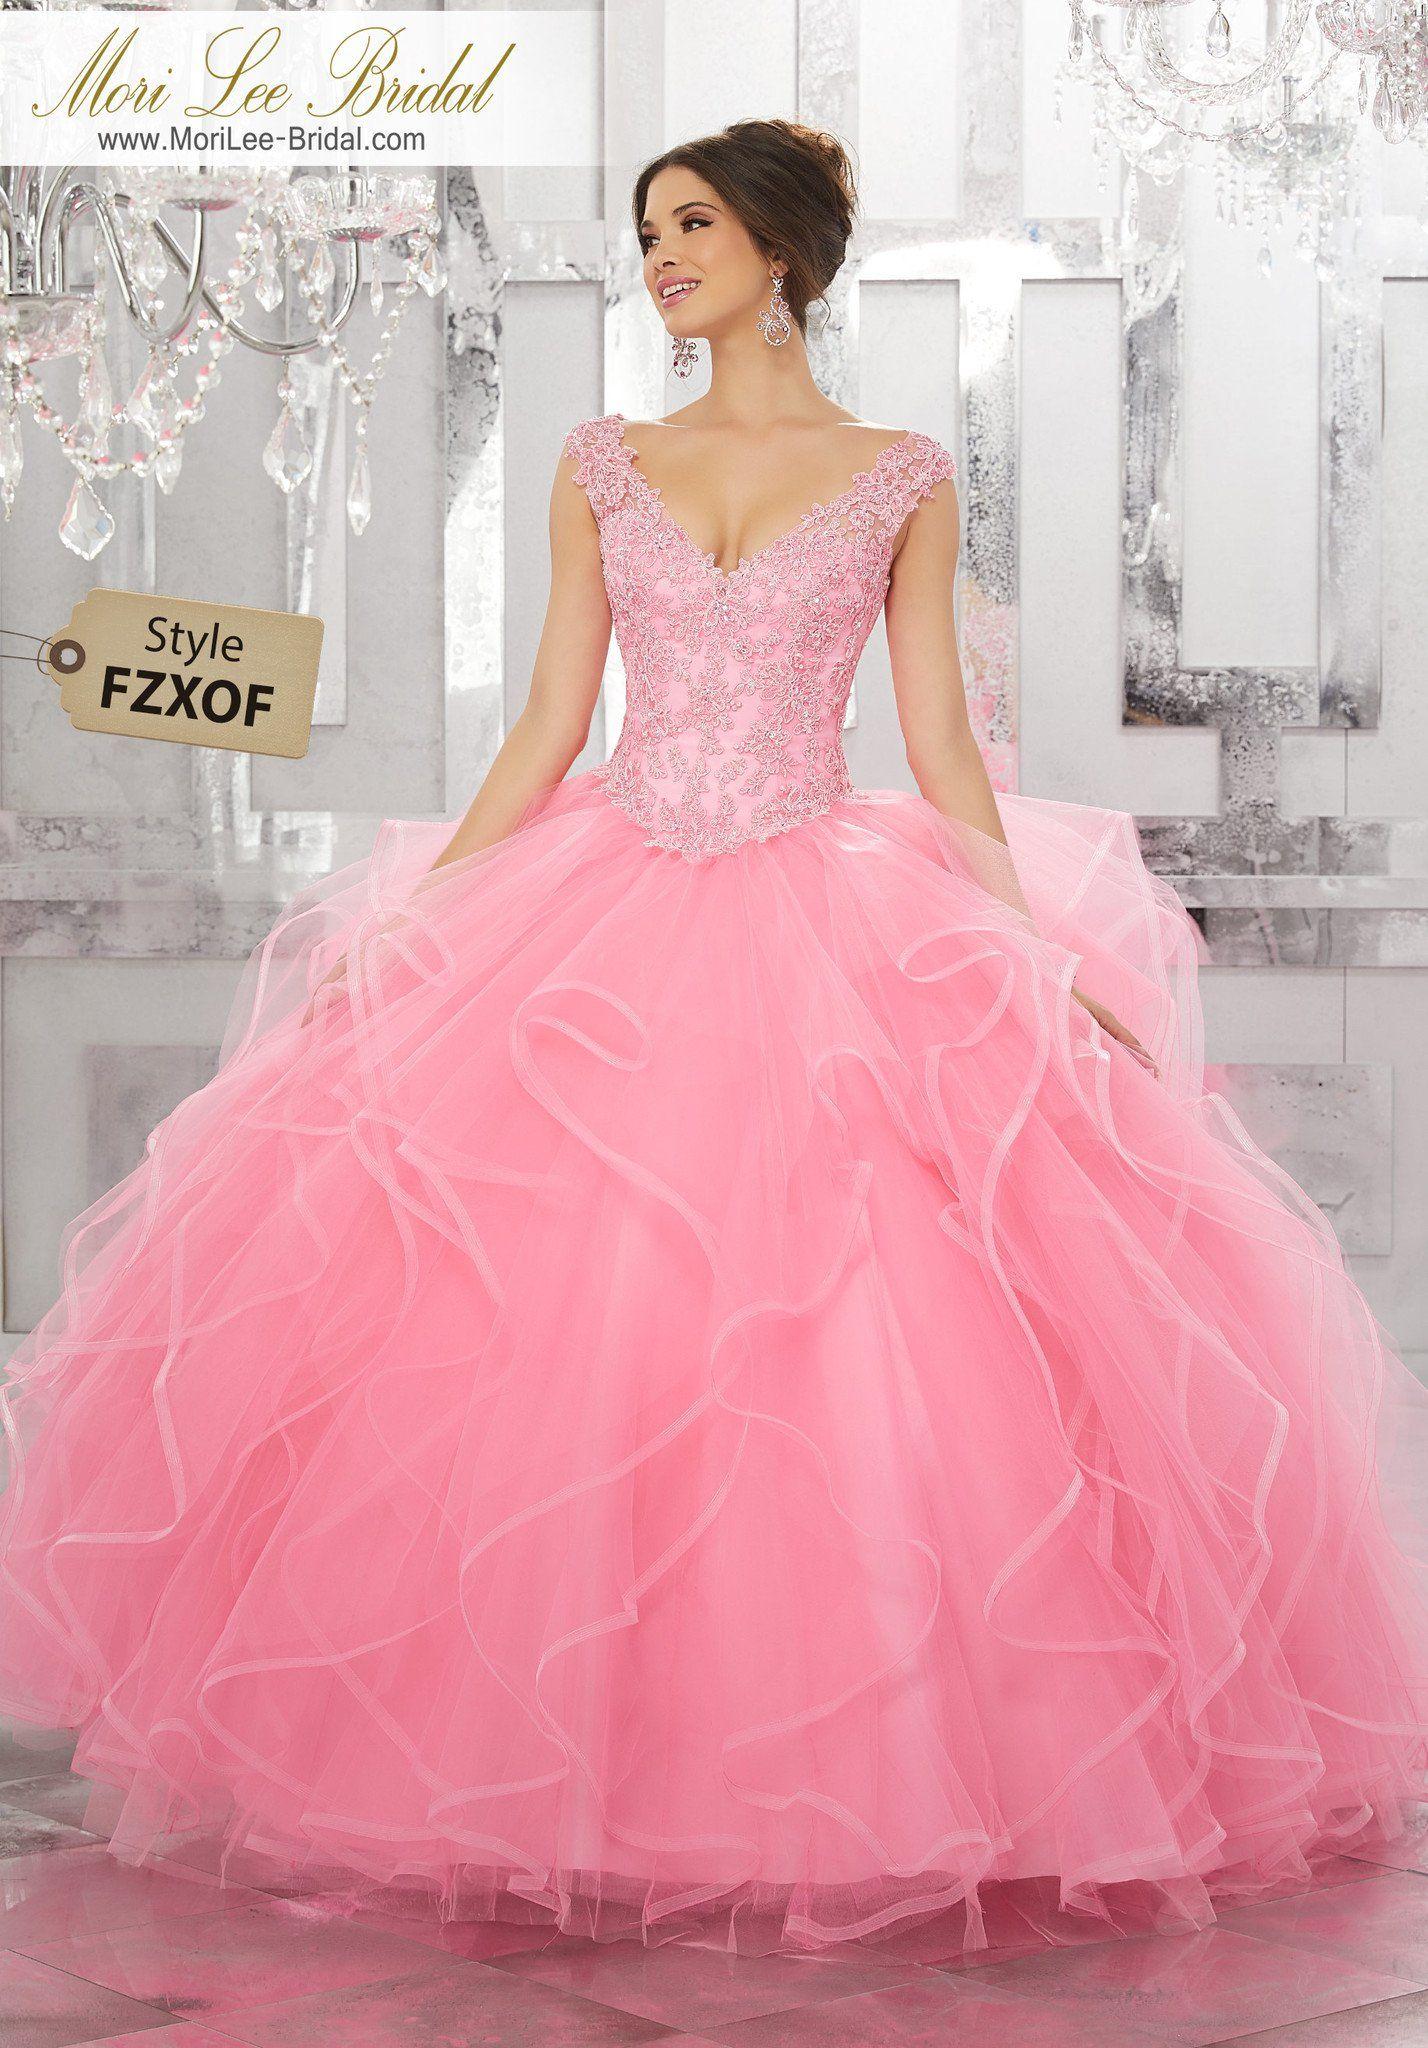 FZXOF - Mori Lee Bridal | Vestidos | Pinterest | Vestidos para xv ...